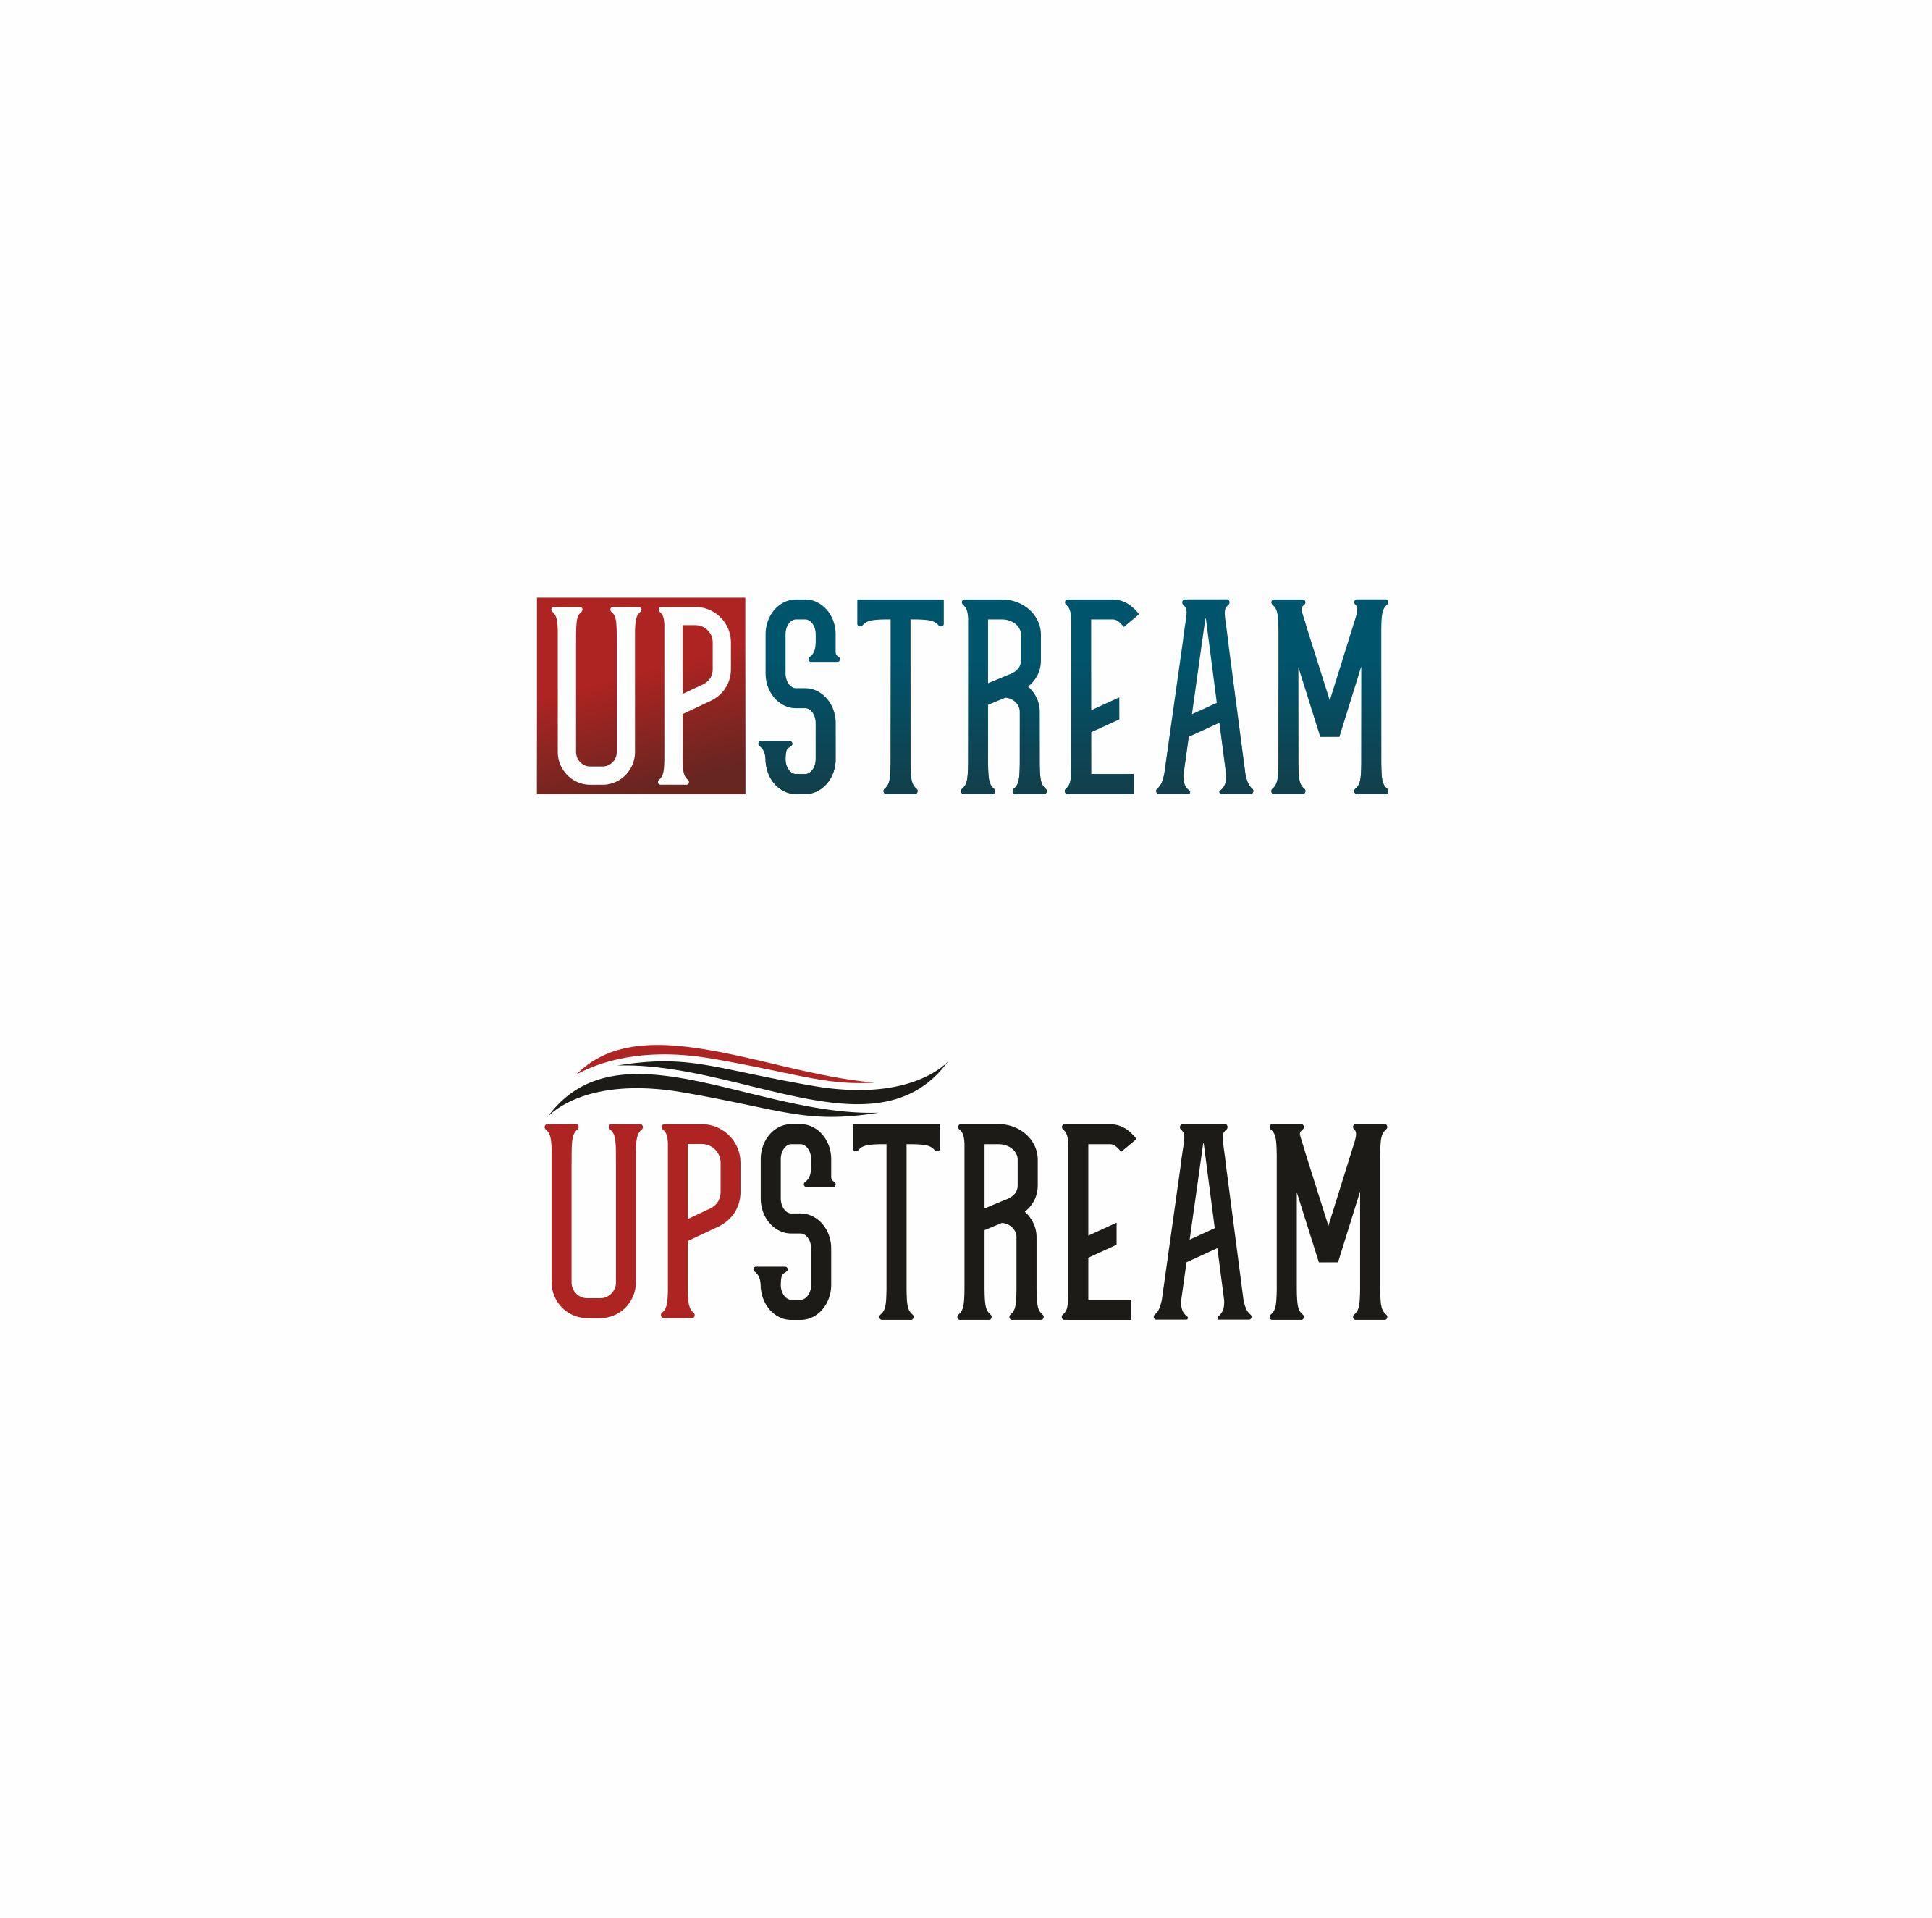 Разработка логотипа и наименования для чартерной компании  фото f_9045a854366ba64e.jpg